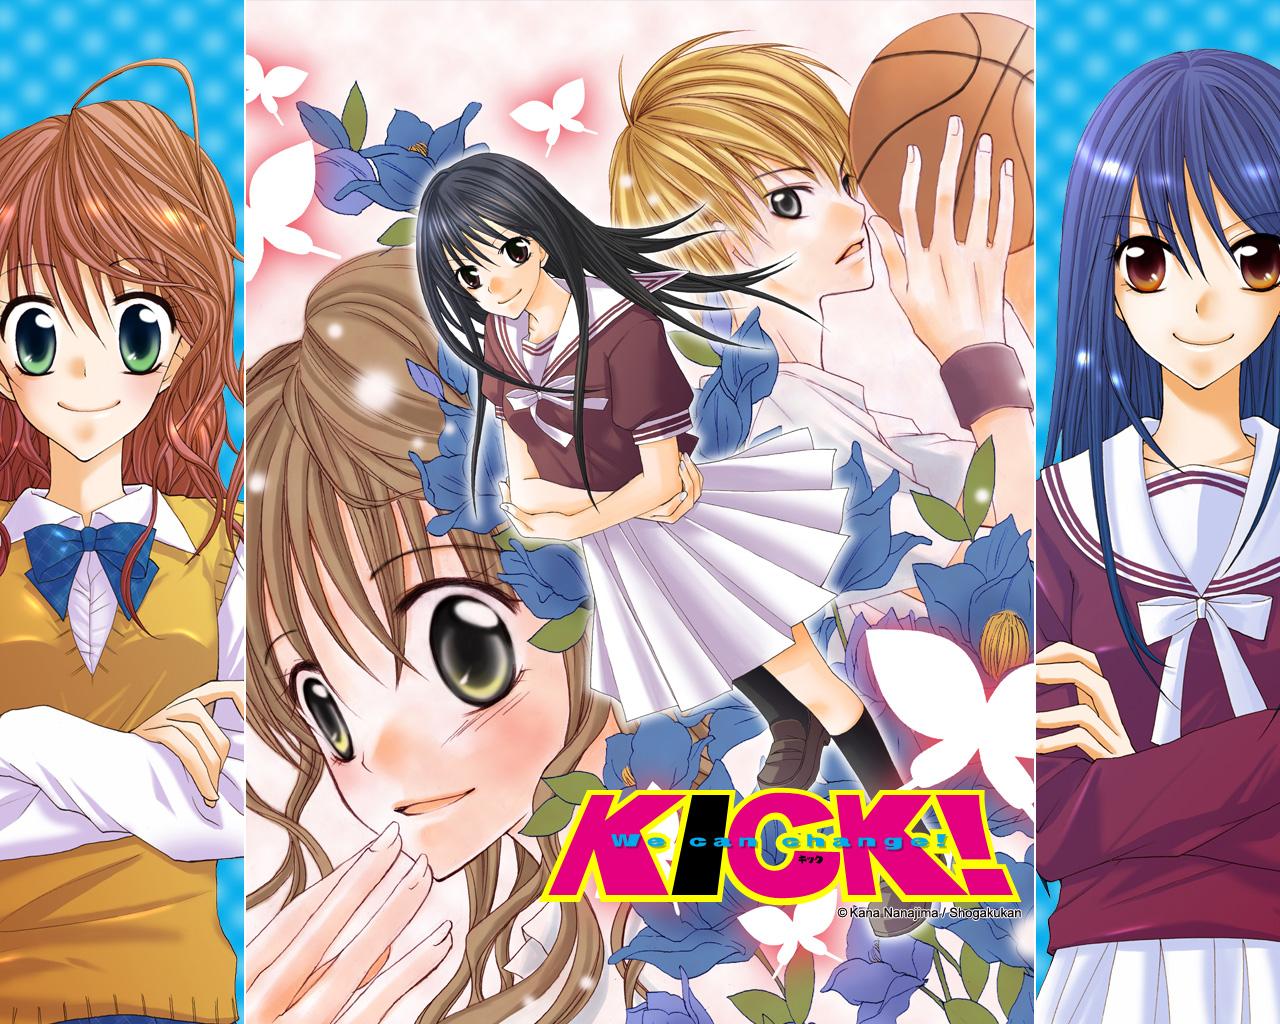 Kick! de Kana Nanajima